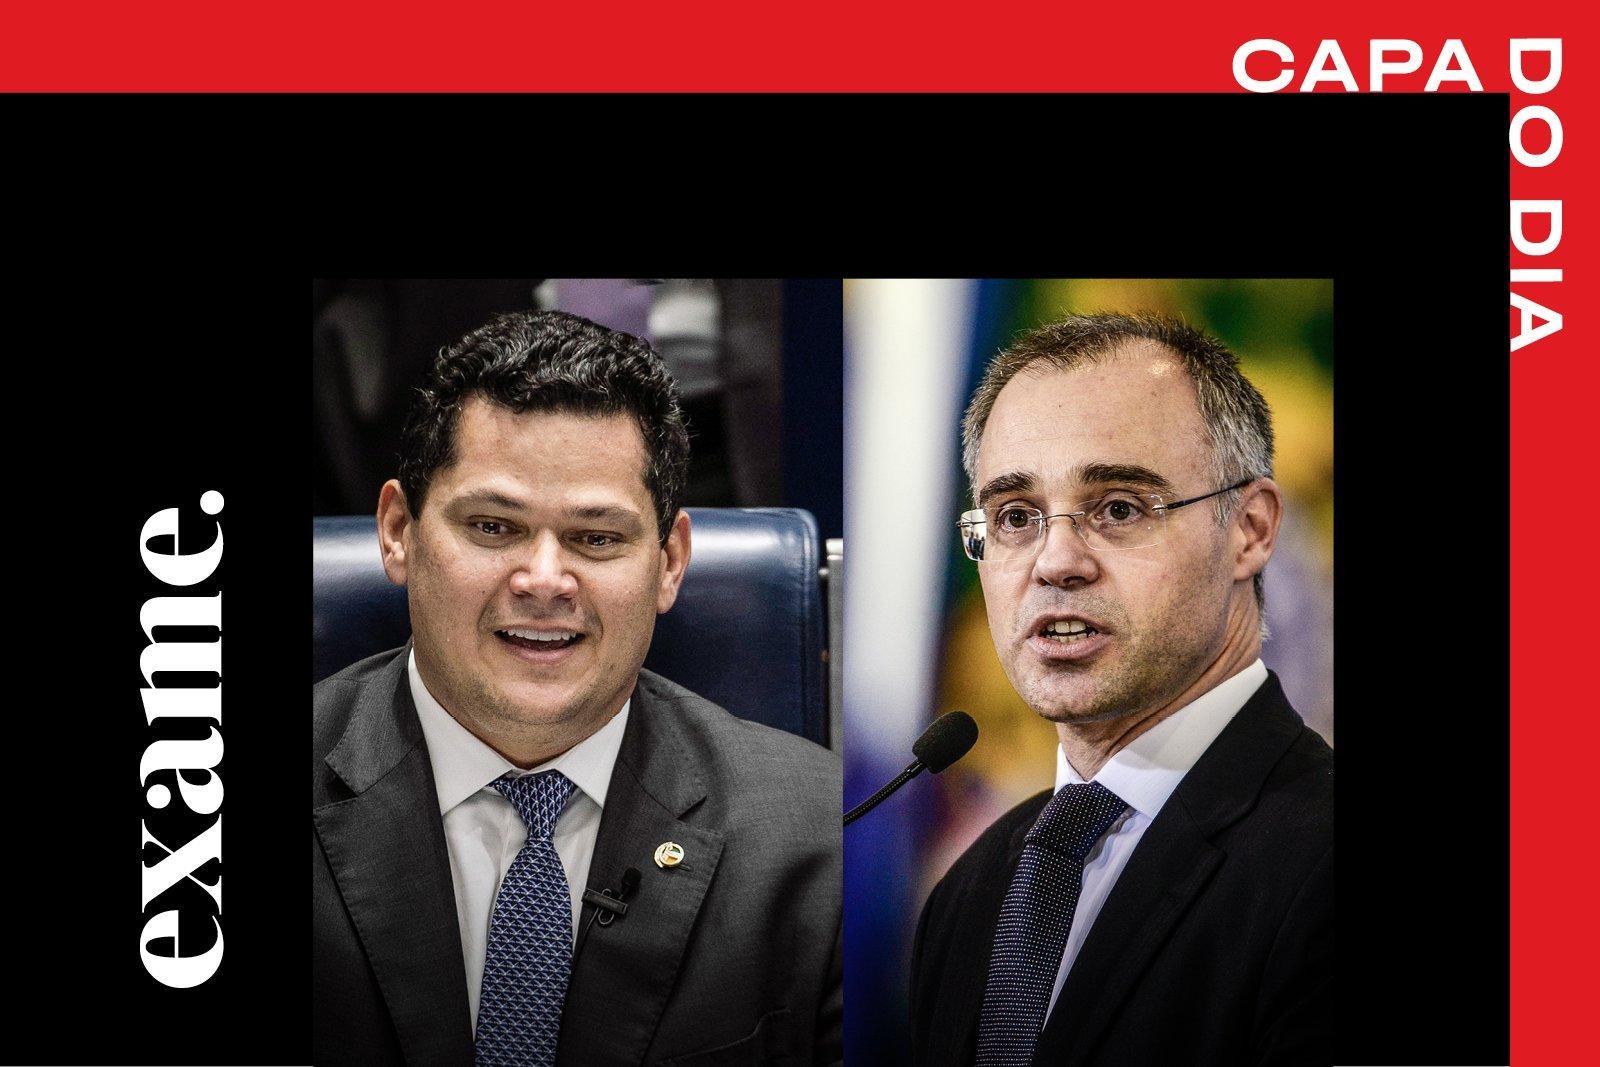 Mágoas, revanche e eleições motivam disputa entre Alcolumbre e Mendonça